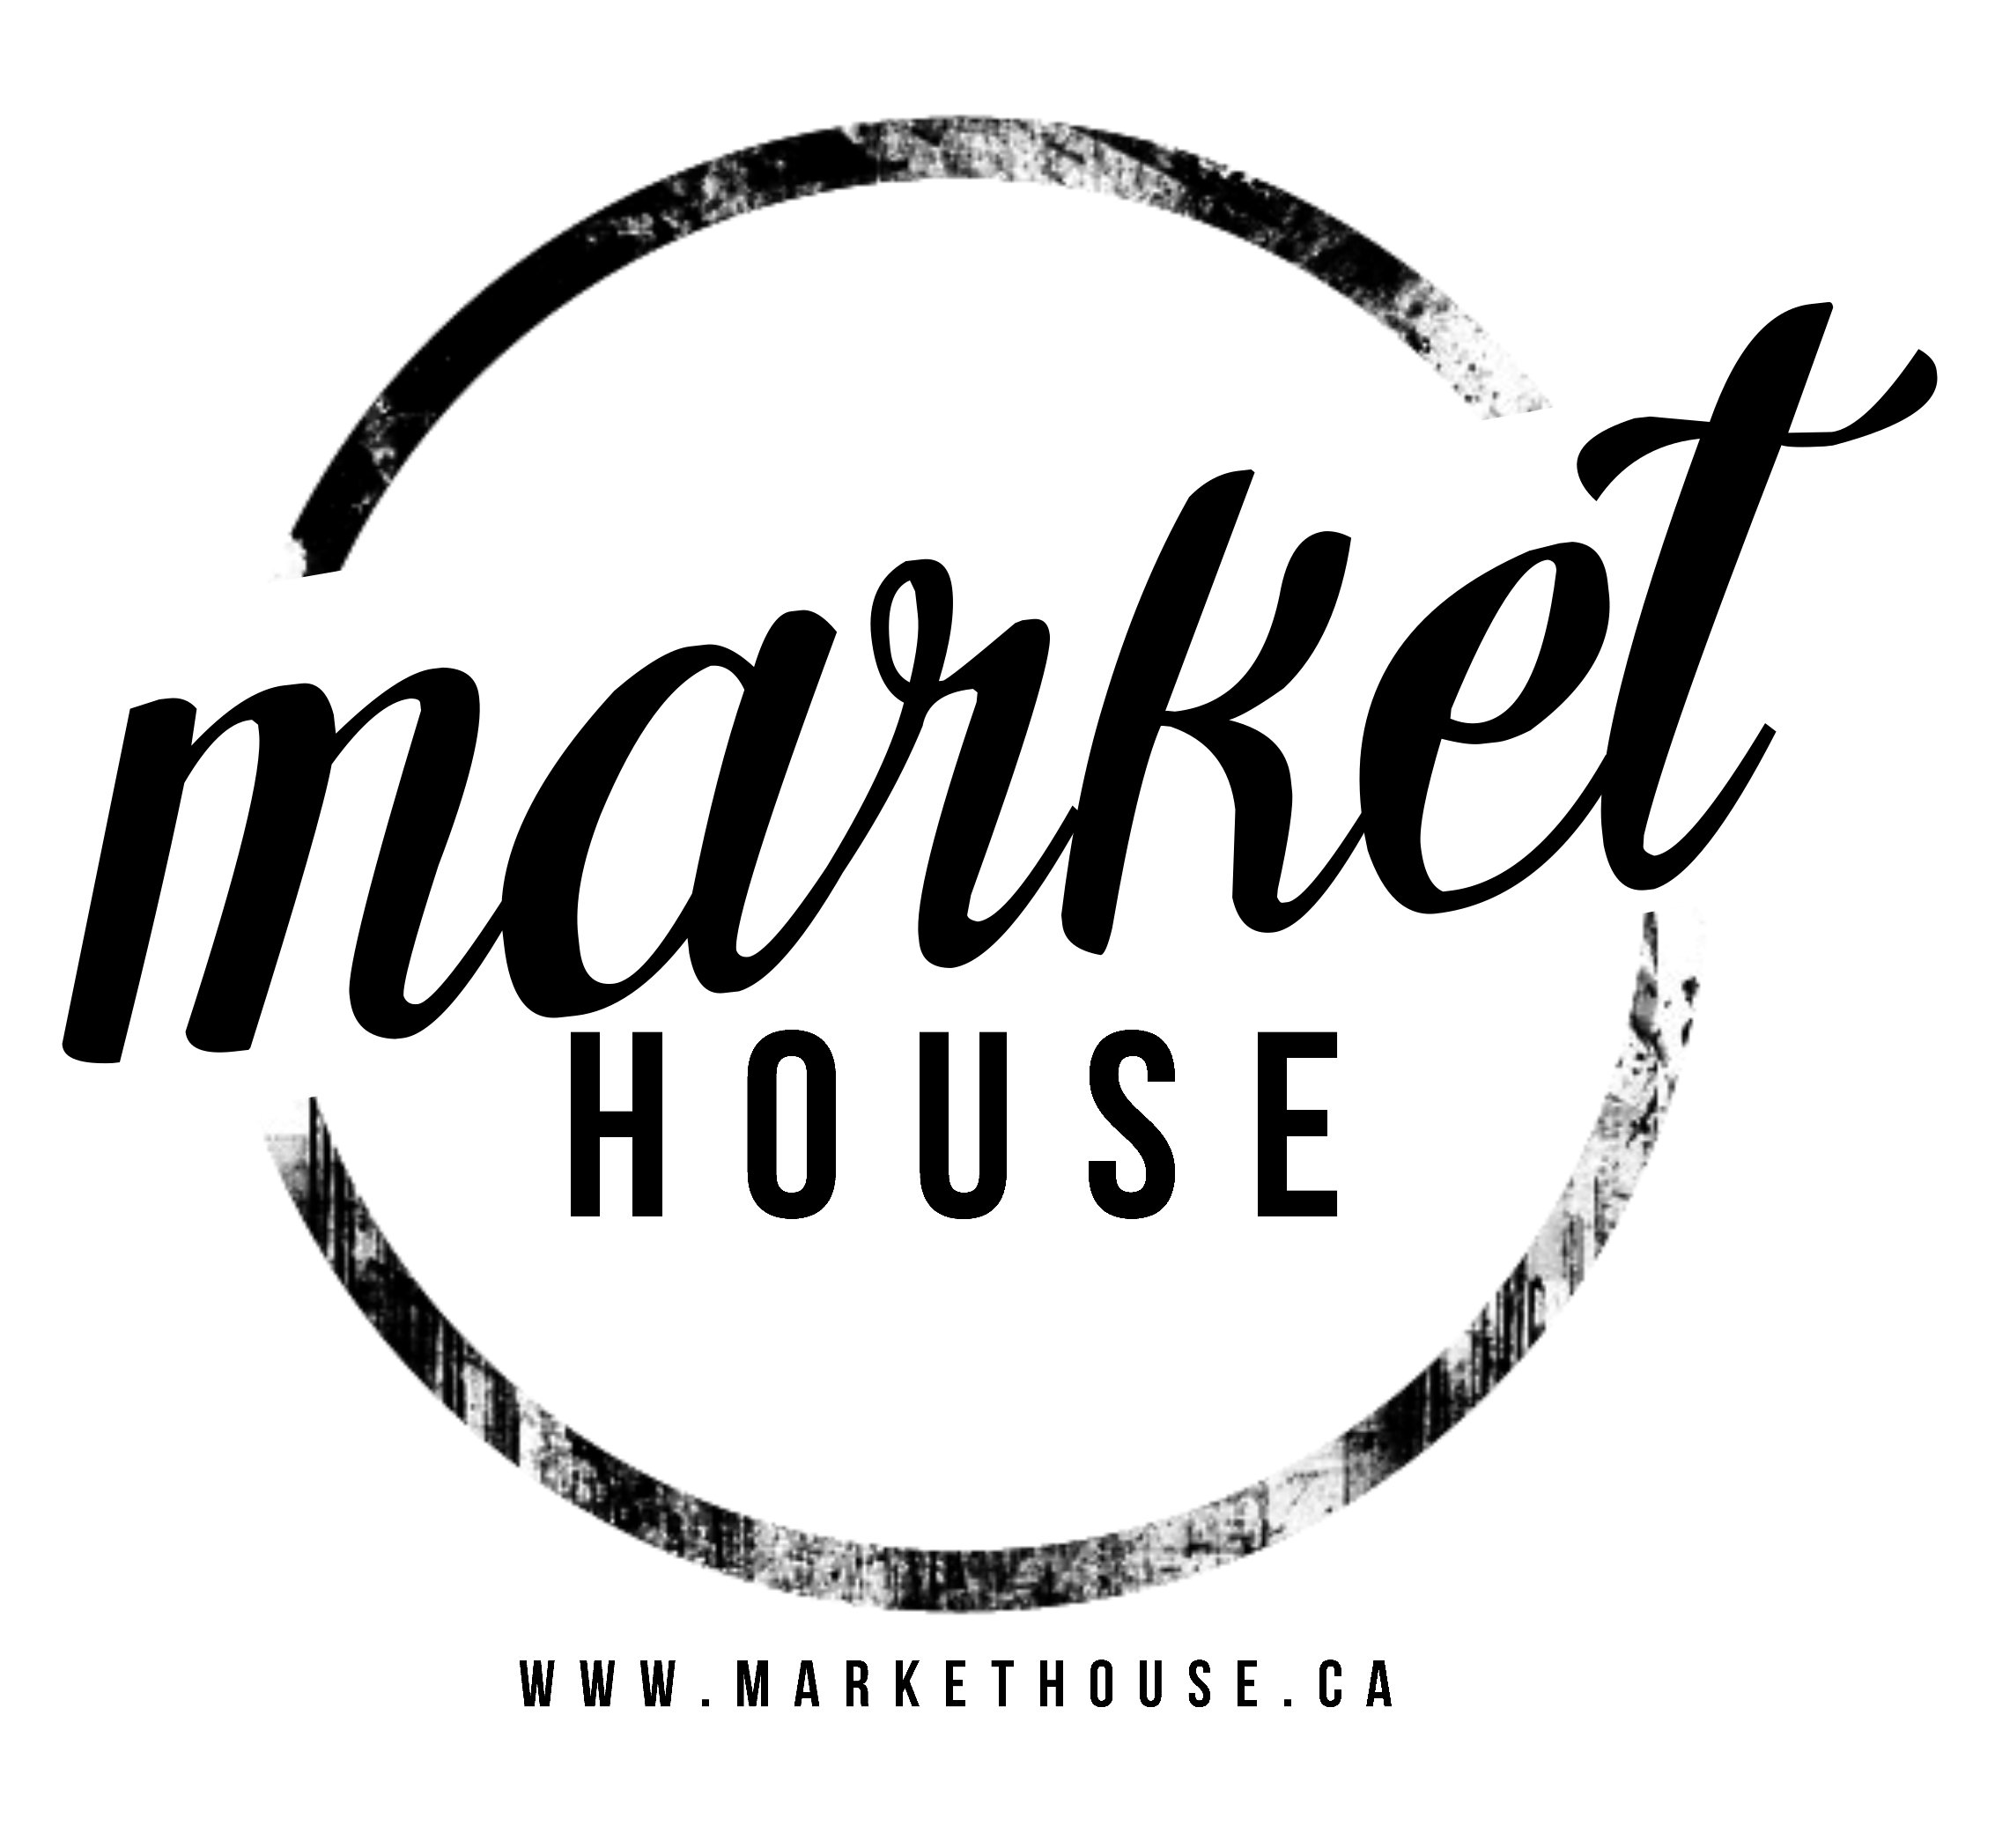 market house logo vintage.png